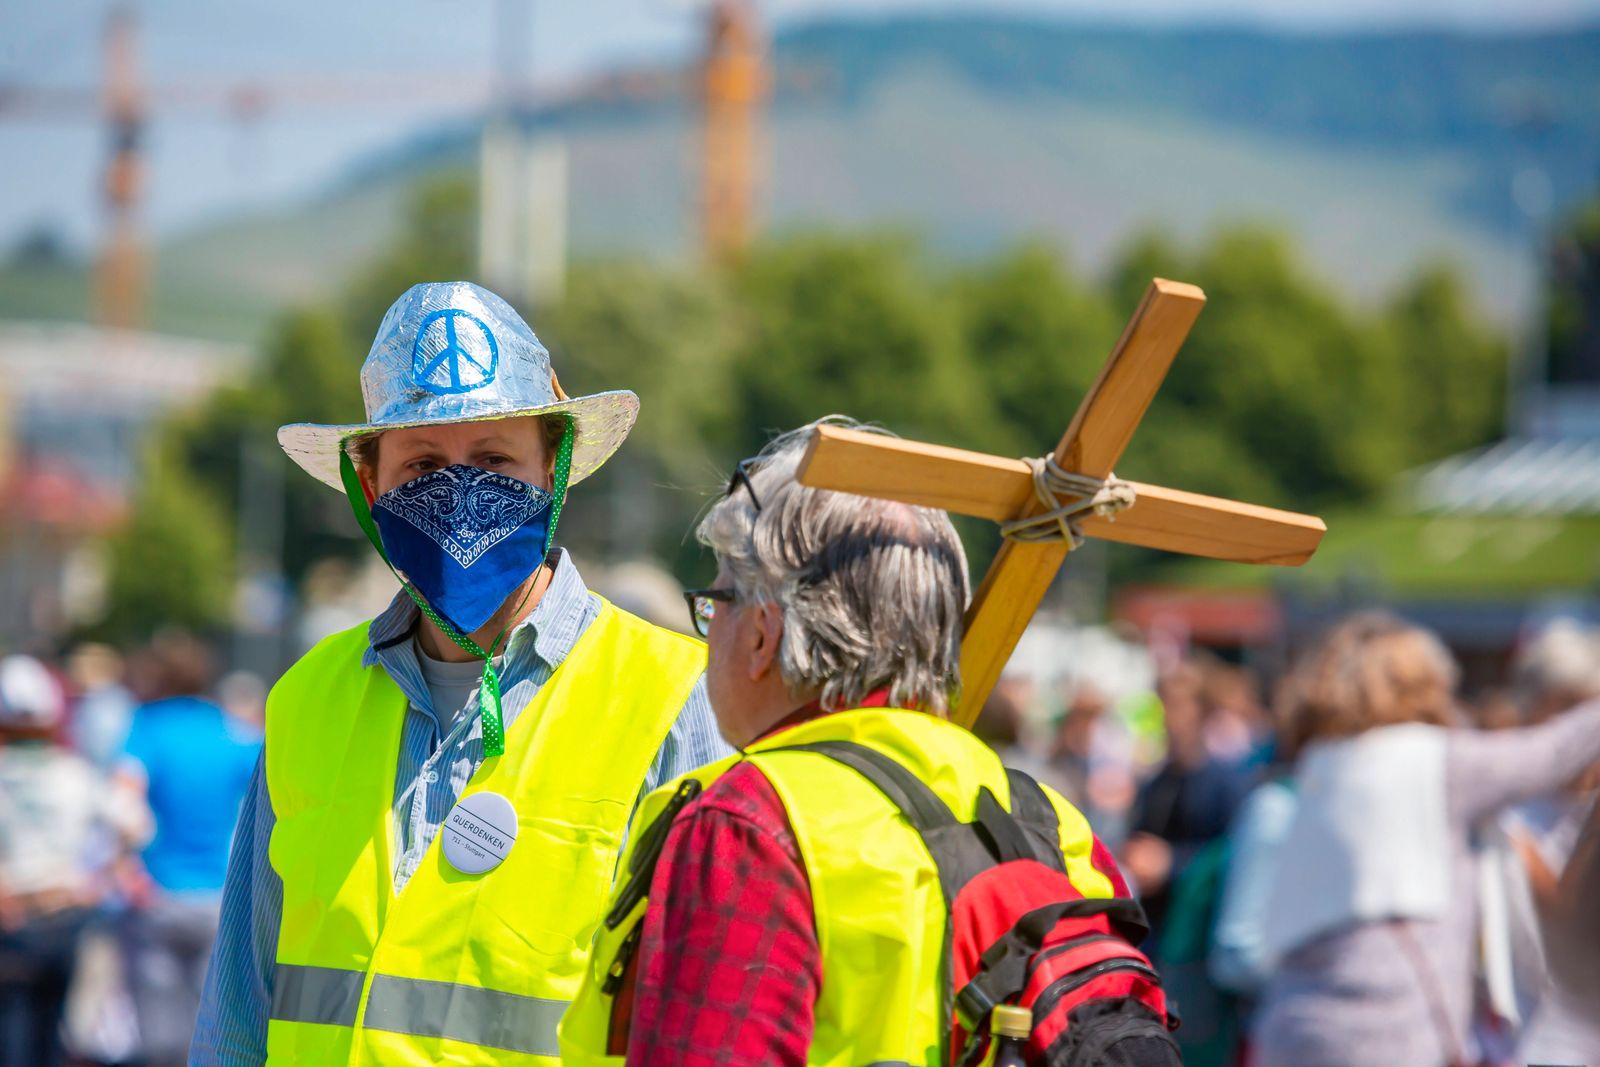 Deutschland, Baden-W¸rttemberg, Stuttgart, 16.05.2020: 8. Mahnwache f¸r das Grundgesetz. Mehrere Tausend Menschen demons